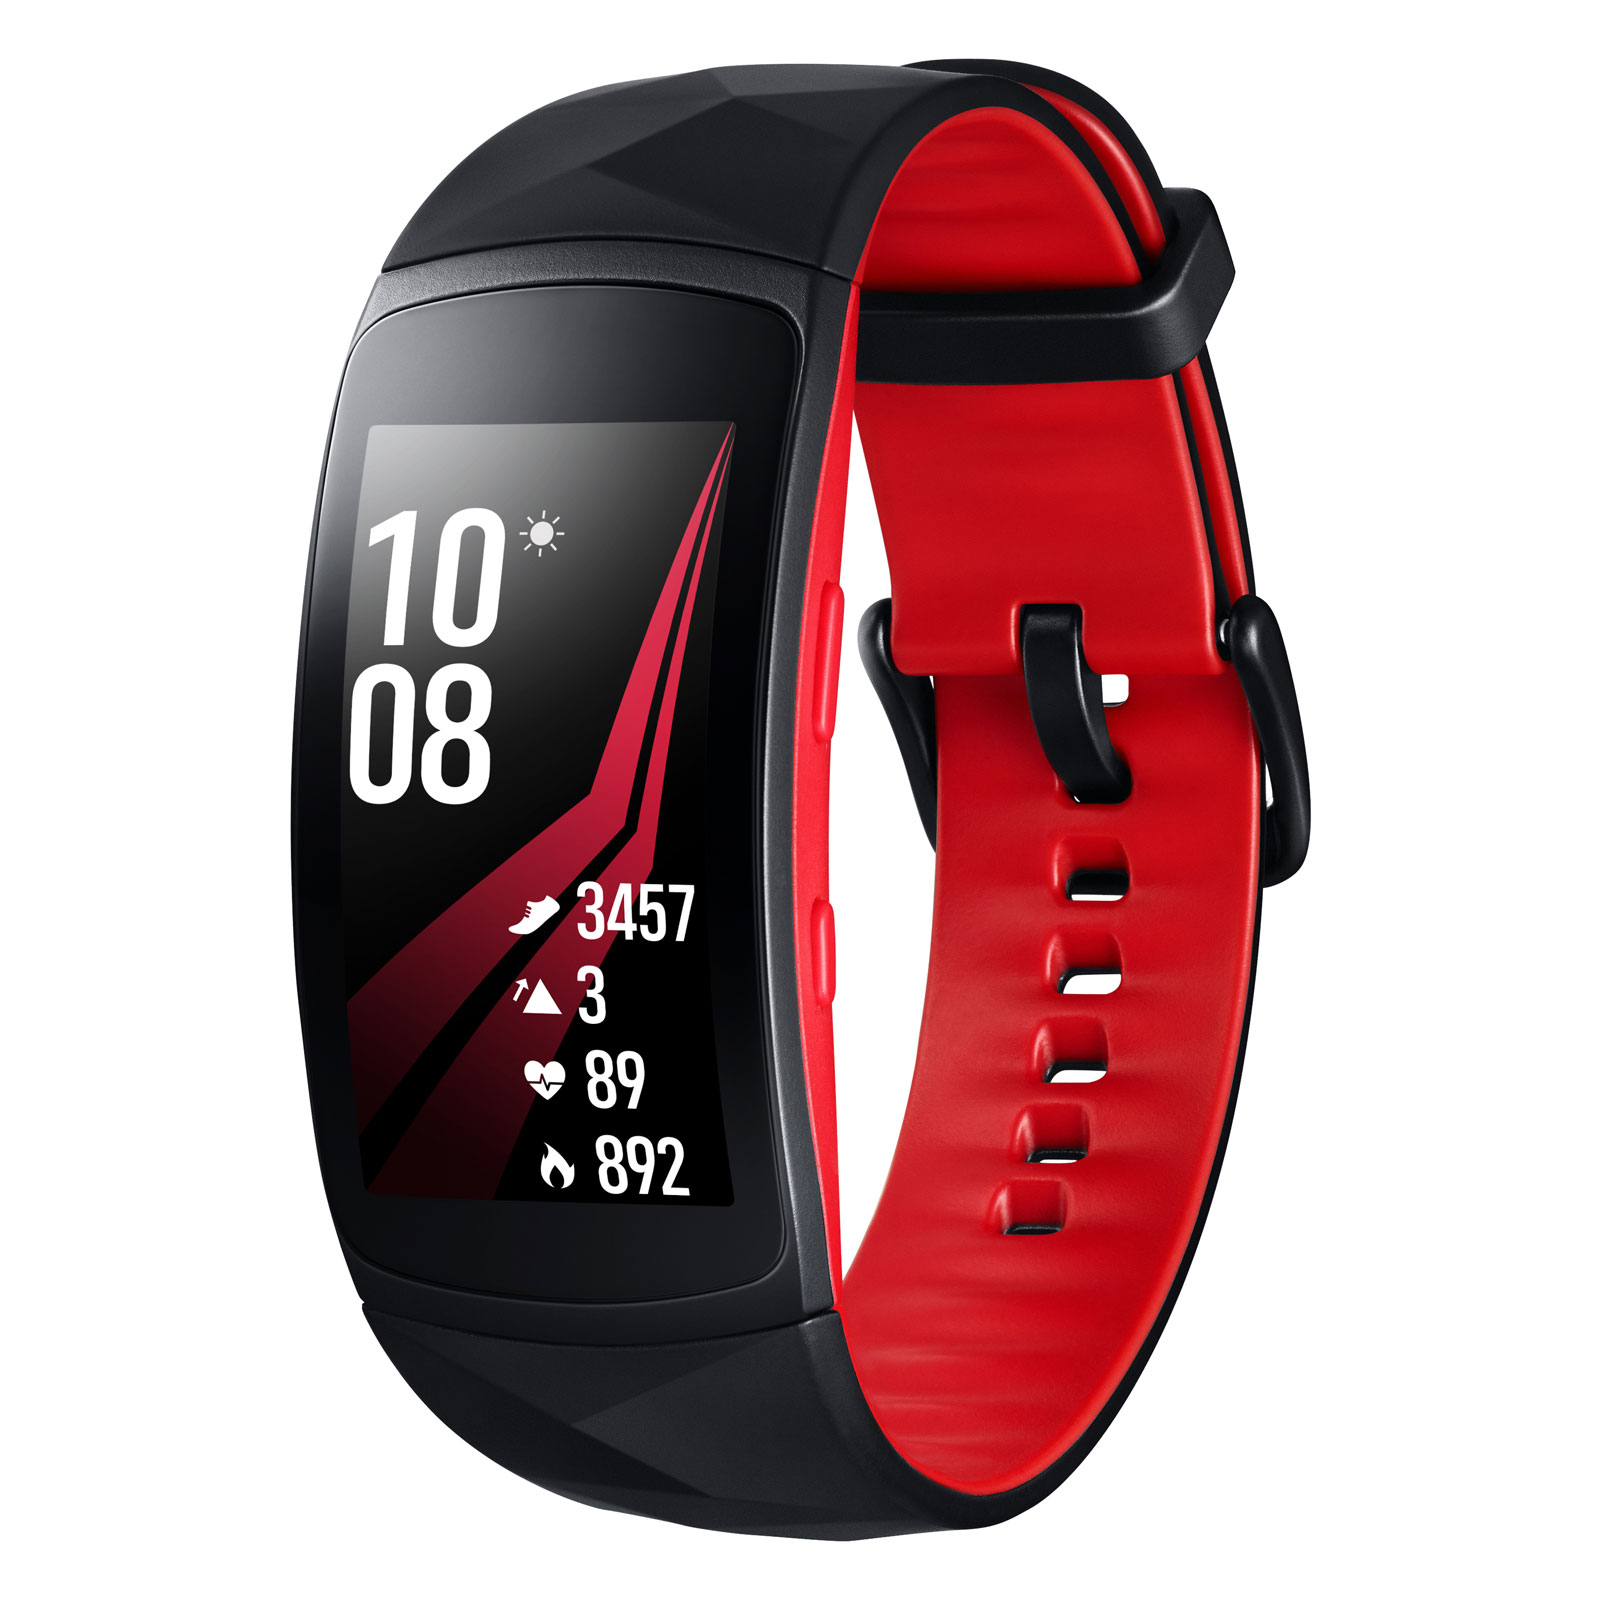 Bracelet connecté Samsung Gear Fit2 Pro L Noir/Rouge Coach électronique connecté sans fil étanche pour smartphone iOS / Android